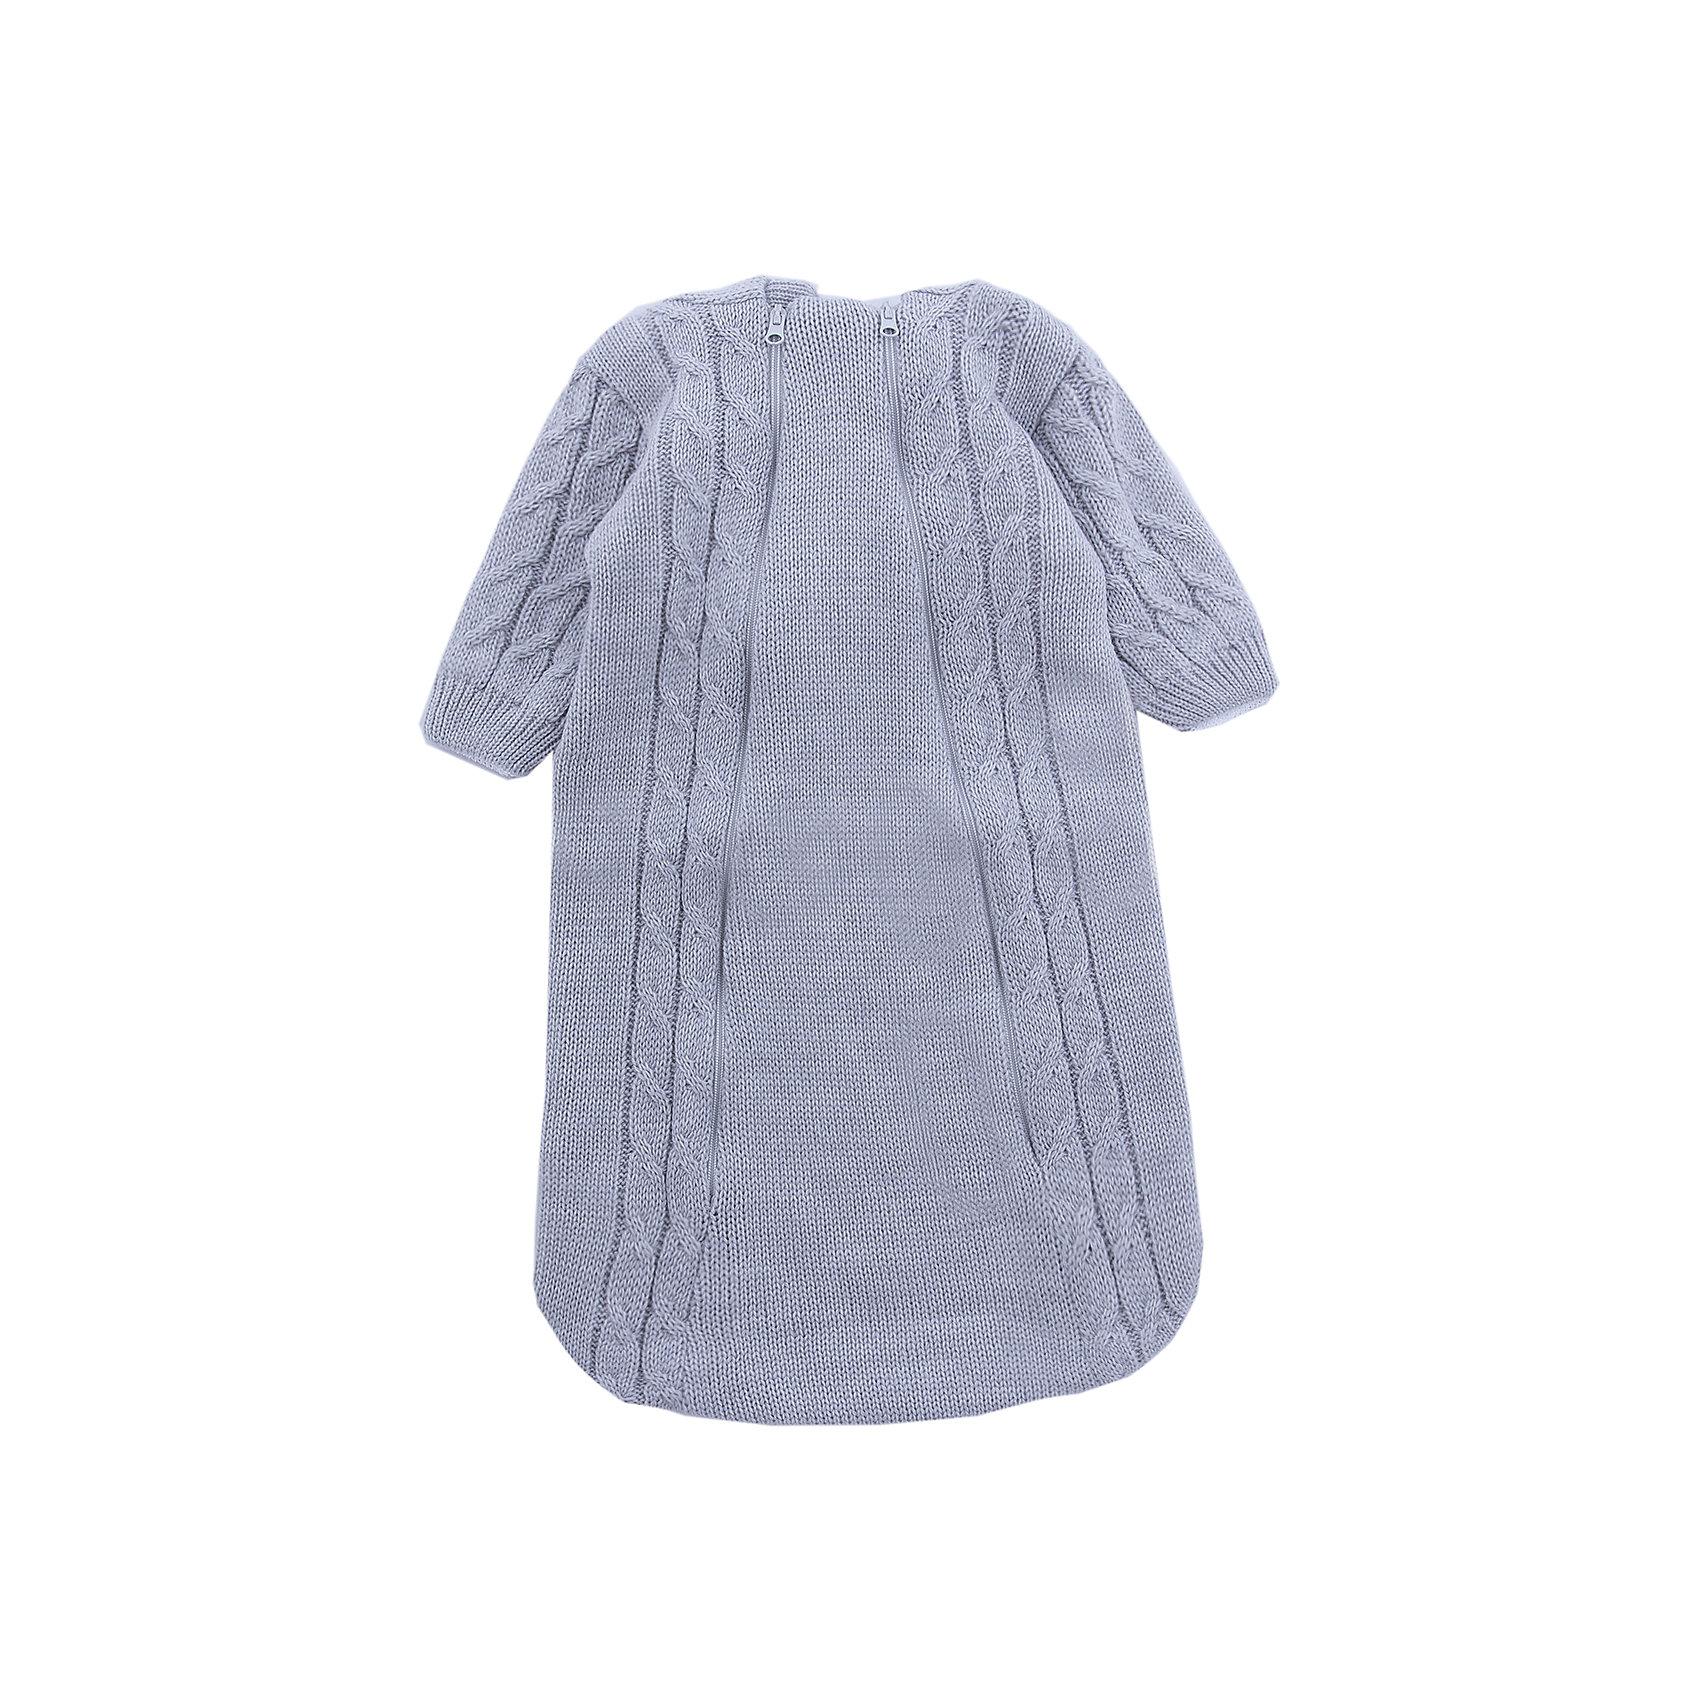 Комбинезон (конверт)  Косы Уси-ПусиКомбинезоны<br>Характеристики товара:<br><br>• цвет: серый;<br>• ткань: вязаная;<br>• состав ткани: 50% шерсть, 50% пан, внутр. слой 100%хлопок;<br>• утеплитель: без утеплителя;<br>• вид застежки: на молнии;<br>• особенности модели: вязаная, с рисунком;<br>• сезон: демисезон;<br>• страна бренда: Россия;<br>• страна изготовитель: Россия.<br><br>Вязаный конветр для новородженных с подкладкой из 100% хлопка отлично подойдет для выписки из роддома.<br><br>Верхняя ткань выполнена из нитей шерсти и ПАНа. Его можно использовать круглый год: зимой под зимний конветр, а летом при прохладной погоде. Наличие двух молний на конверте позволяют быстро одеть ребенка на прогулку или переодеть малыша при необходимости. <br><br>Вязаный конветр «Косы» Уси-Пуси можно купить в нашем интернет-магазине.<br><br>Ширина мм: 157<br>Глубина мм: 13<br>Высота мм: 119<br>Вес г: 200<br>Цвет: серый<br>Возраст от месяцев: 3<br>Возраст до месяцев: 6<br>Пол: Унисекс<br>Возраст: Детский<br>Размер: 62/68,50/56<br>SKU: 7029648